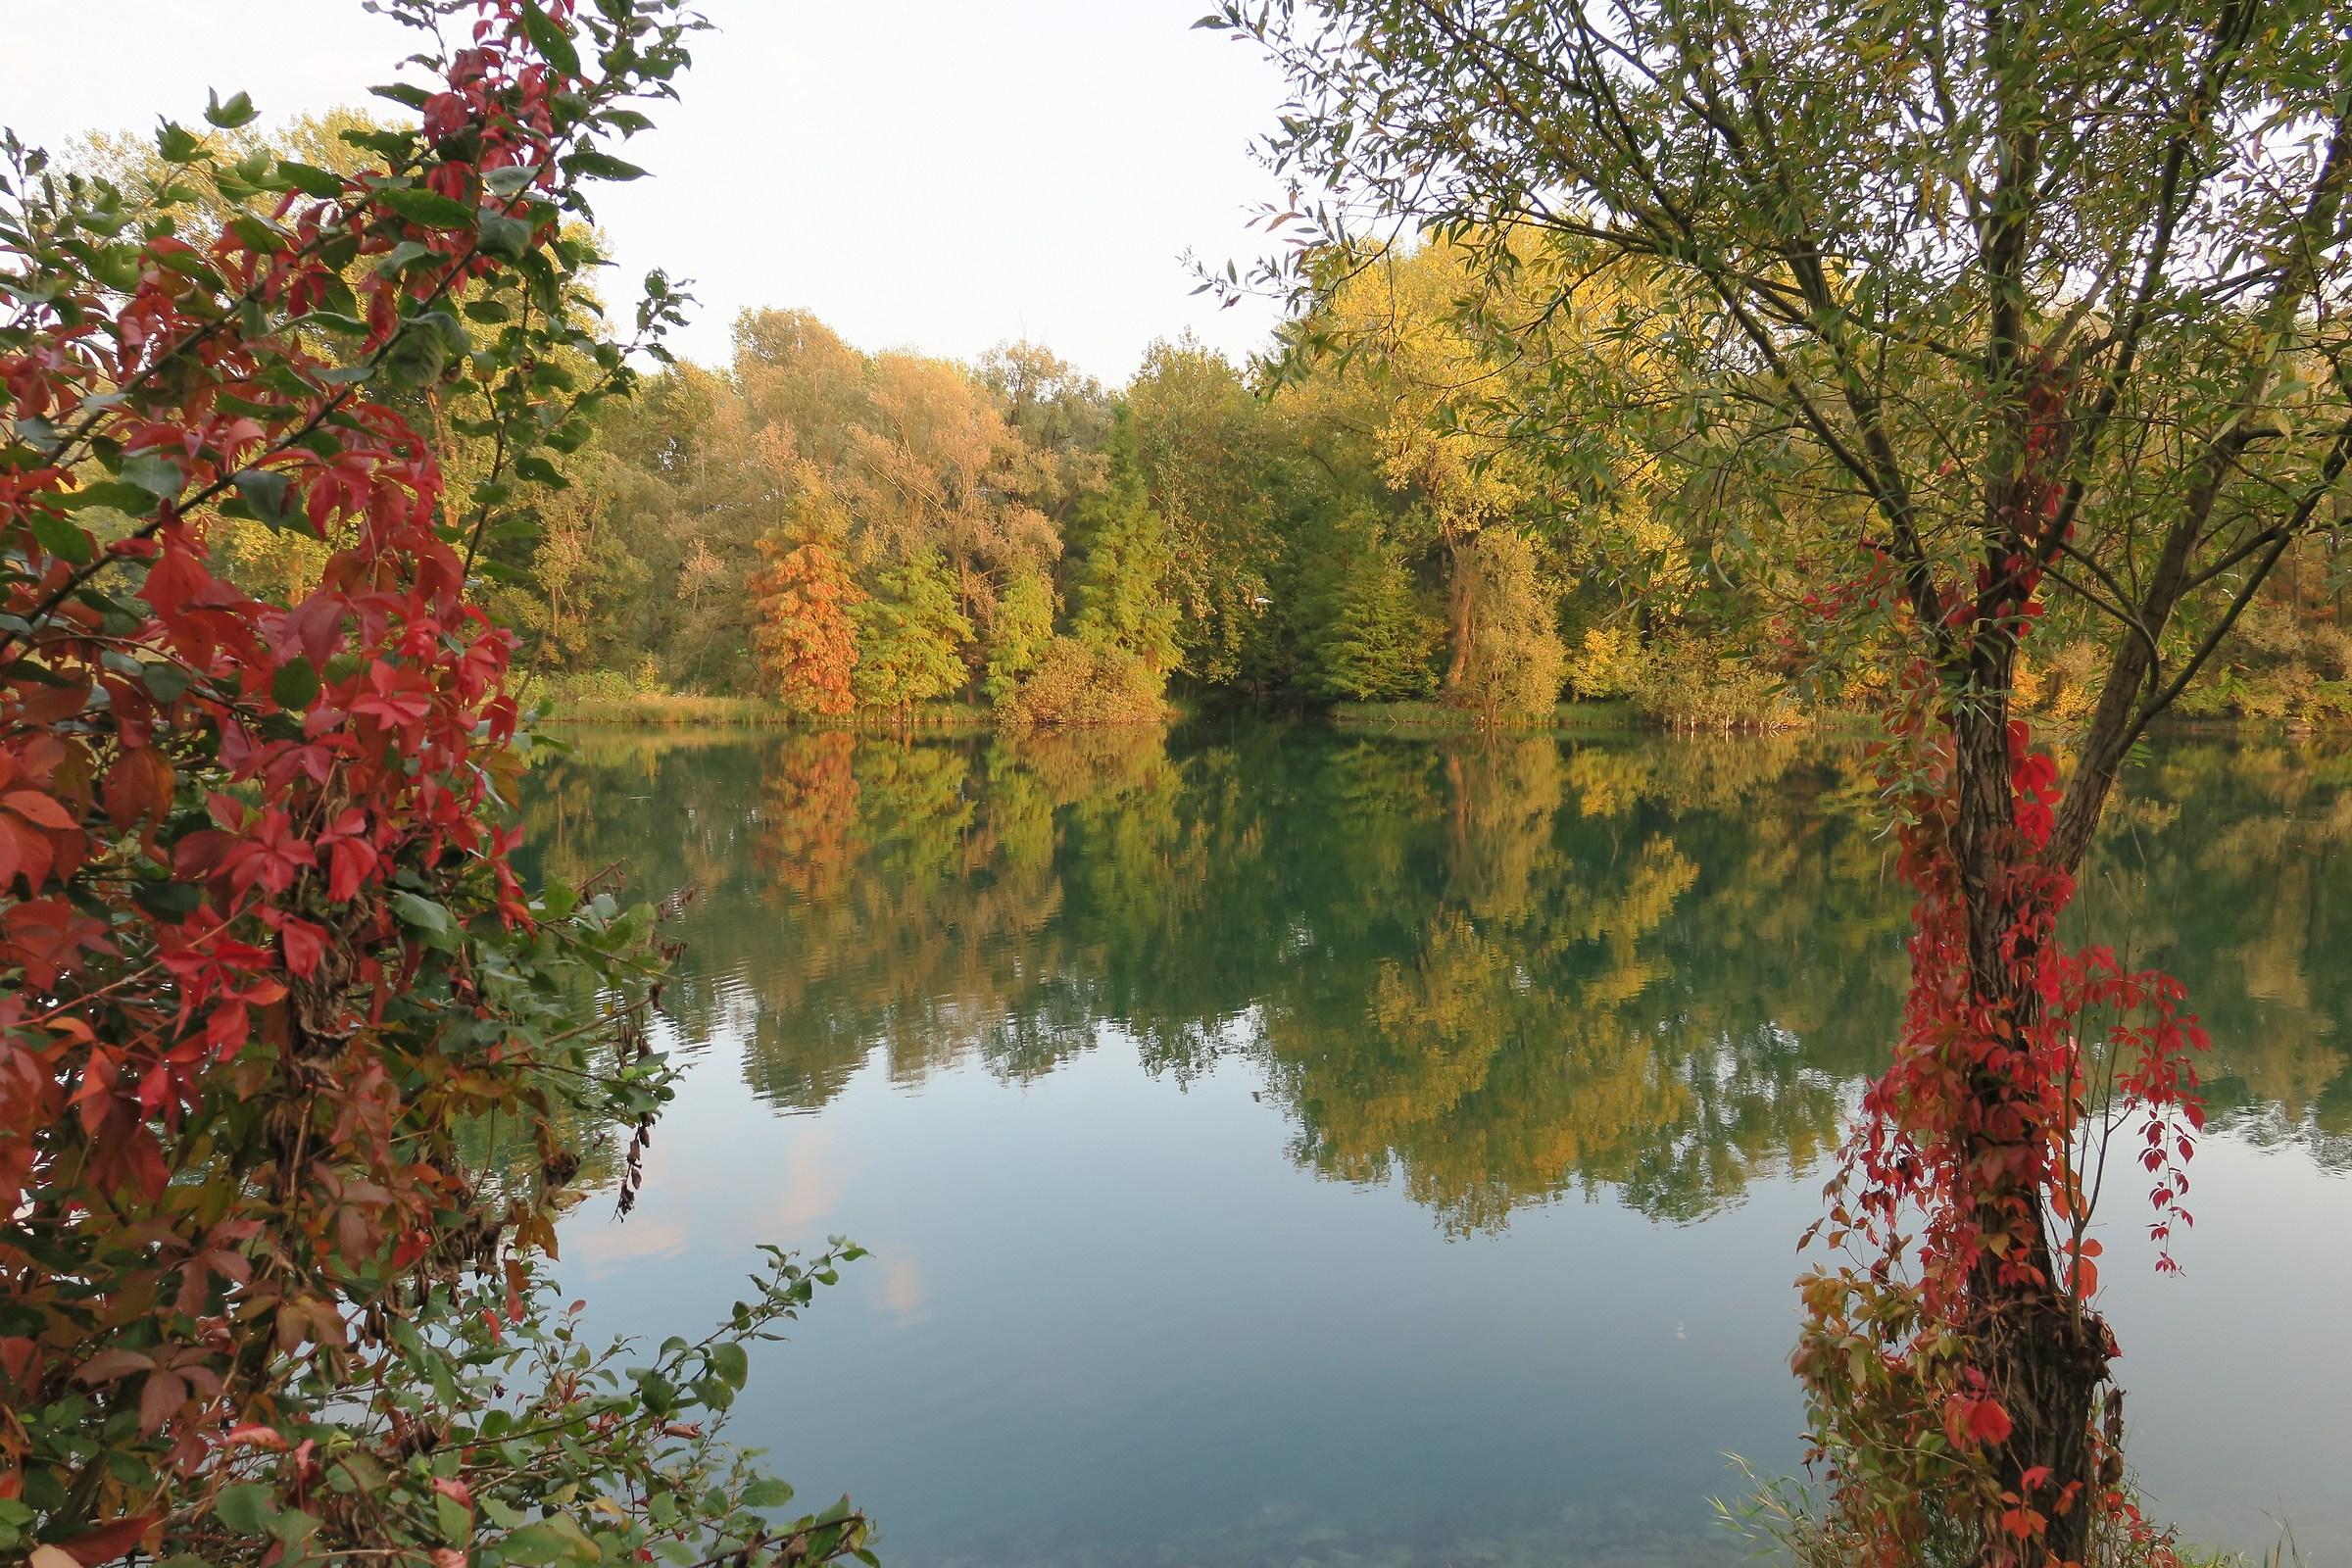 Adda, caldi colori d'autunno...